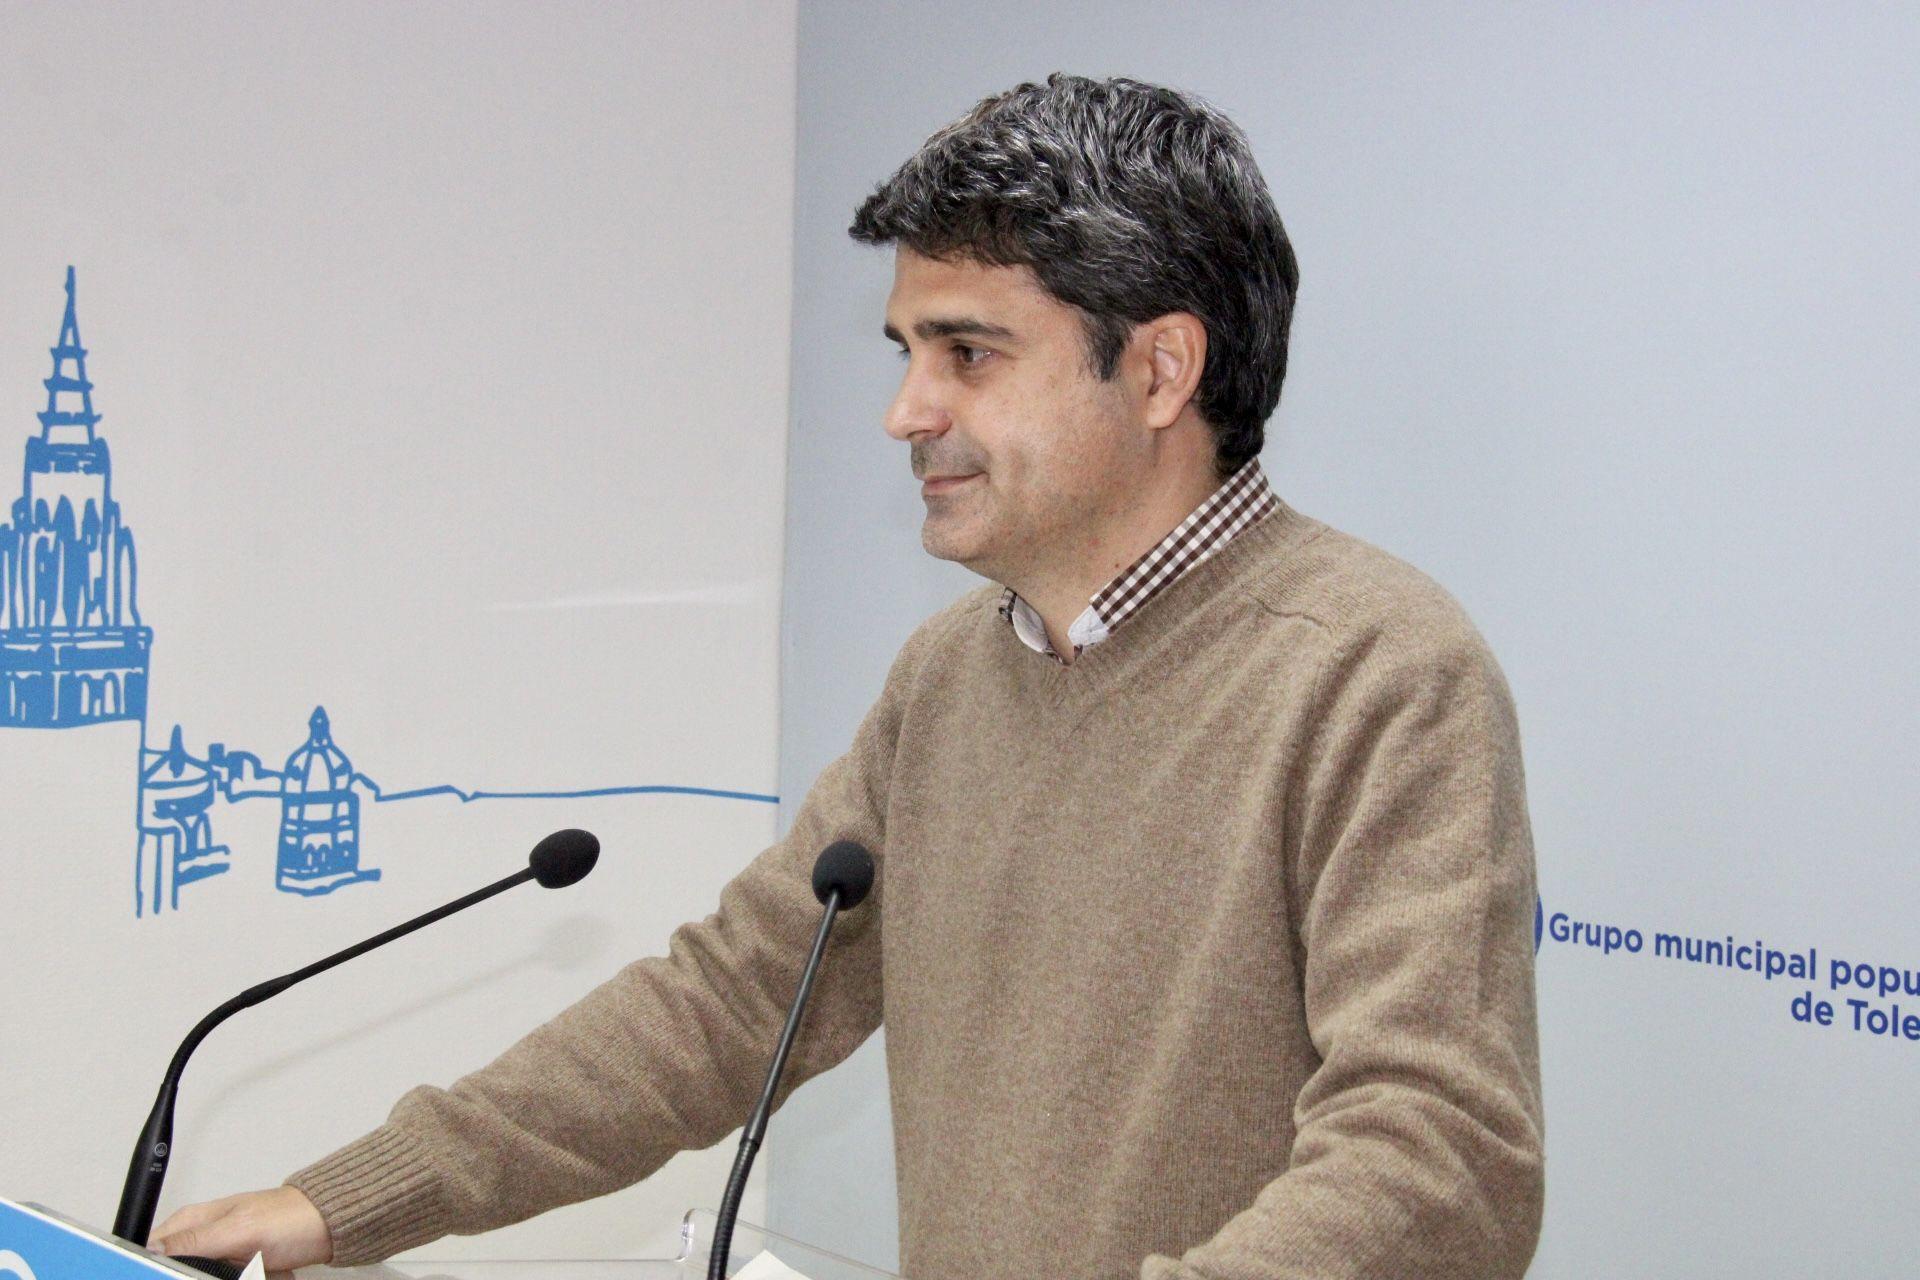 Alcalde censura que Tolón presuma de fortaleza económica cuando el paro aumentó en marzo en Toledo por encima de la media regional y de otras capitales de Castilla-La Mancha